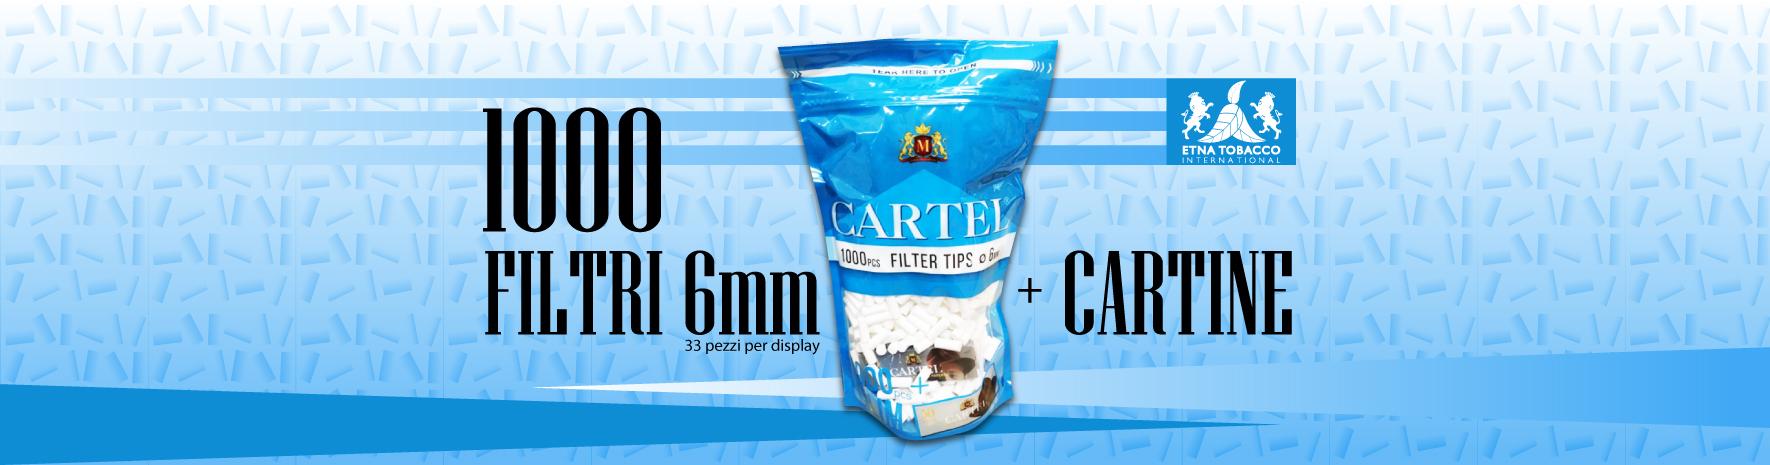 sacchetto-100-filtri-6mm-nuovo2